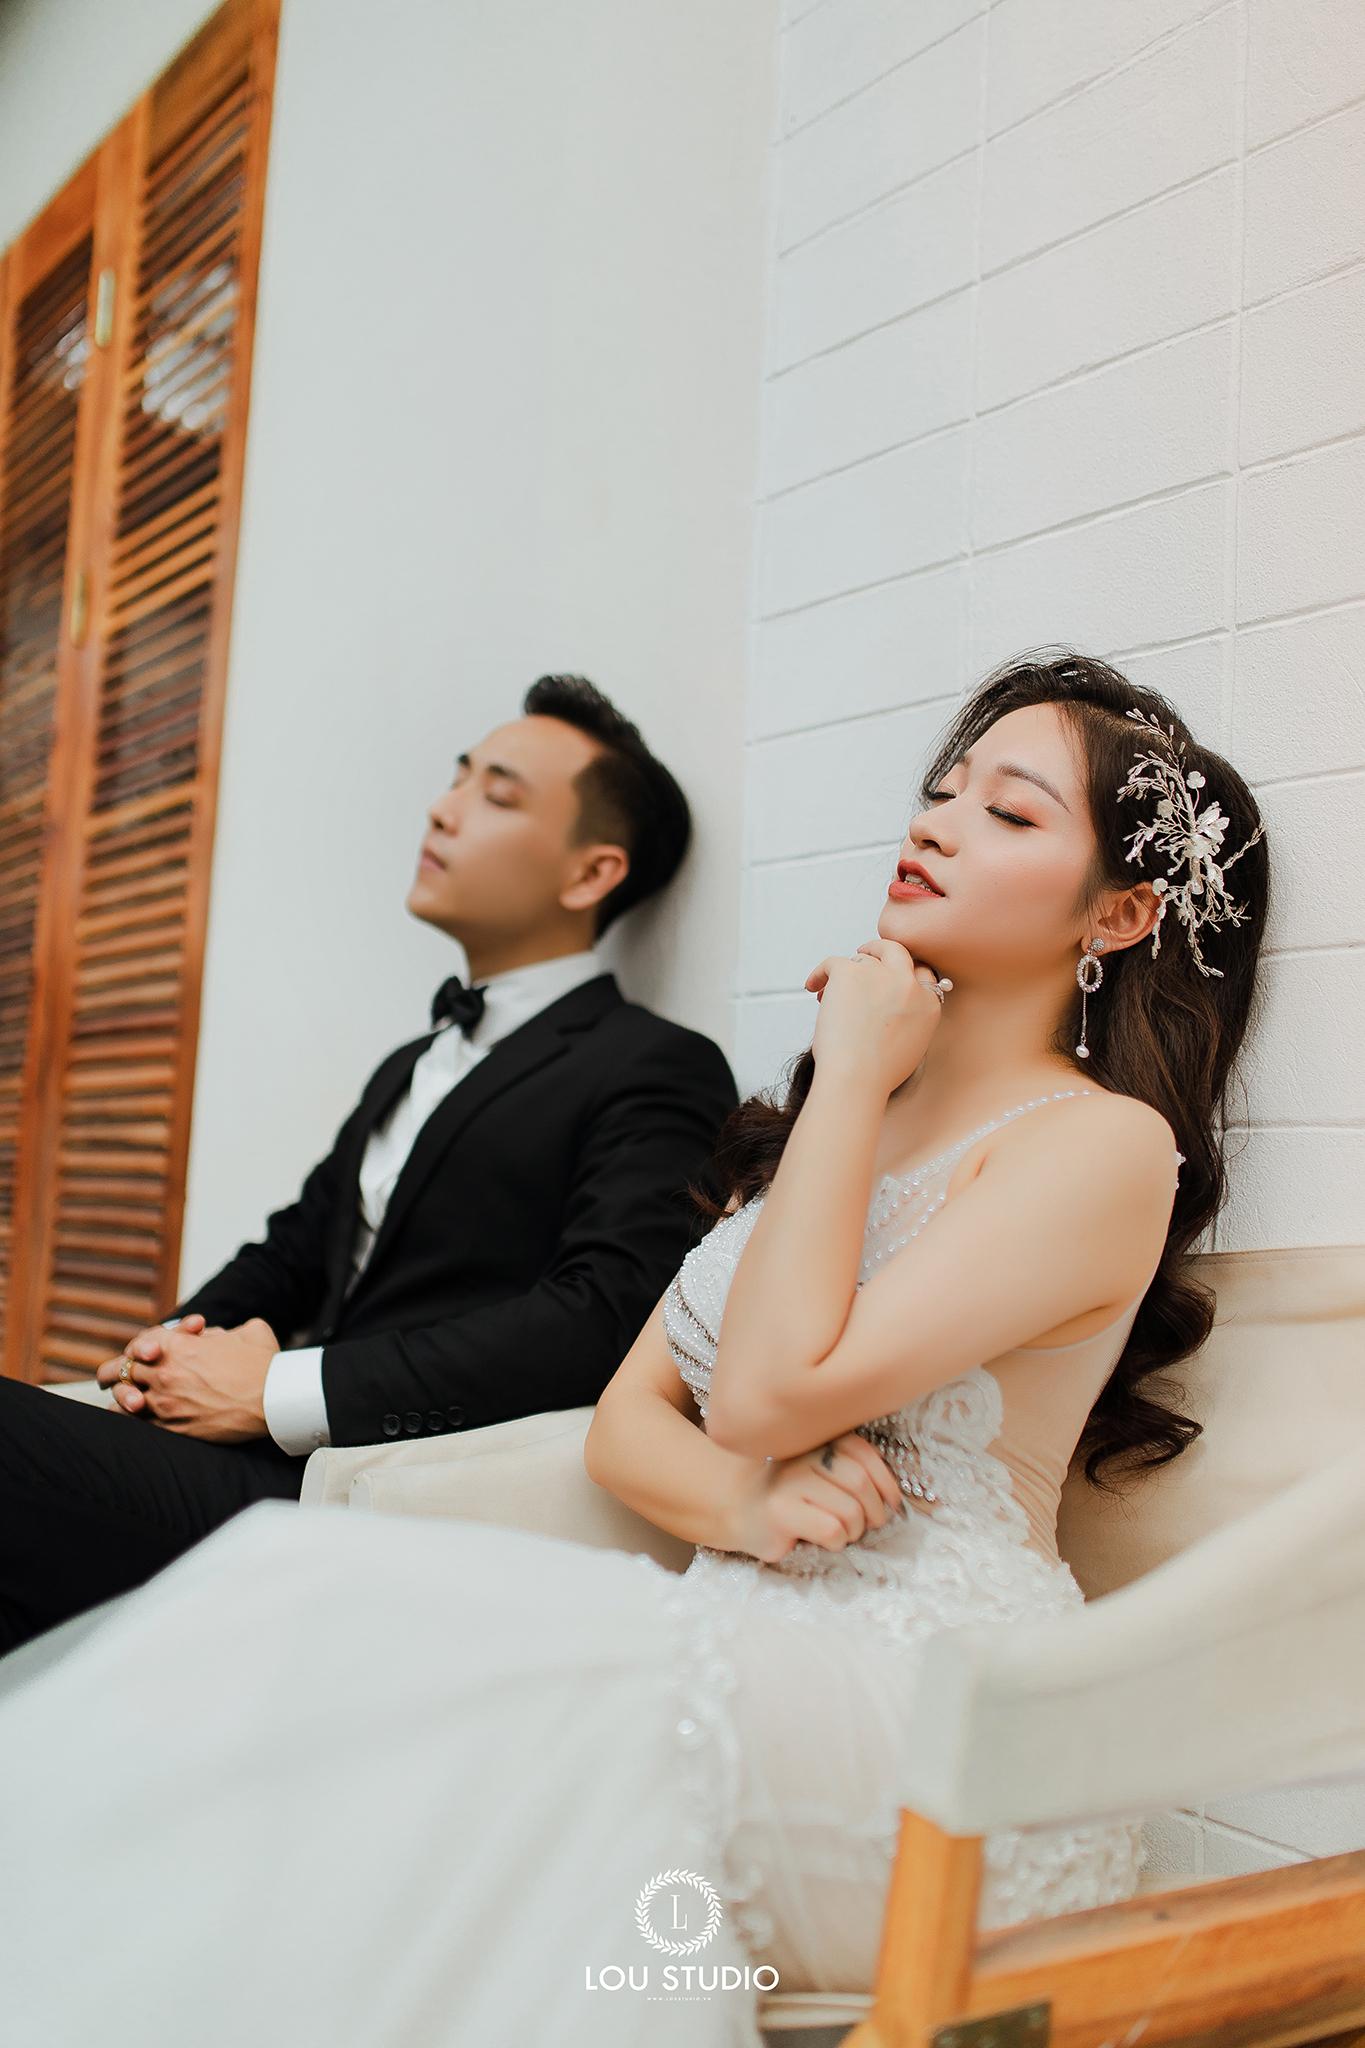 Những lầm tưởng khi chụp ảnh cưới của nhiều cặp đôi